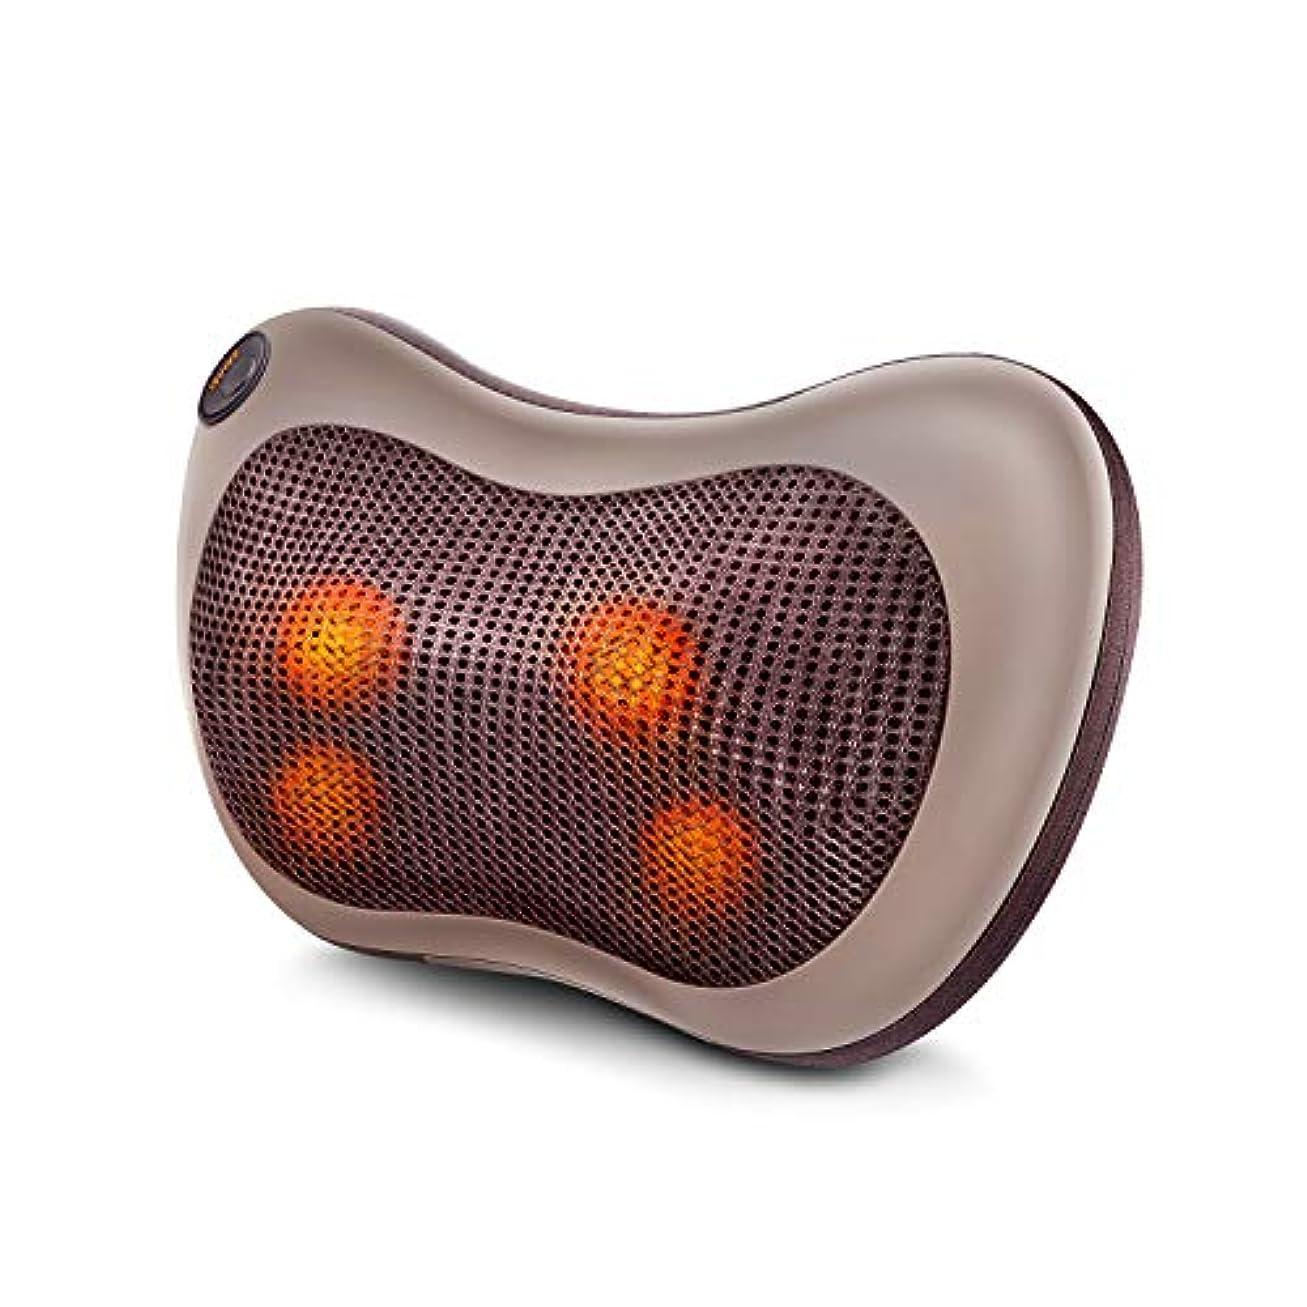 マッサージ枕 マッサージ機 首マッサージ マッサージピロー マッサージクッション 自宅 オフィス 車載マッサージャー 加熱 3モード調節可能 過熱防止 日本語説明書付き